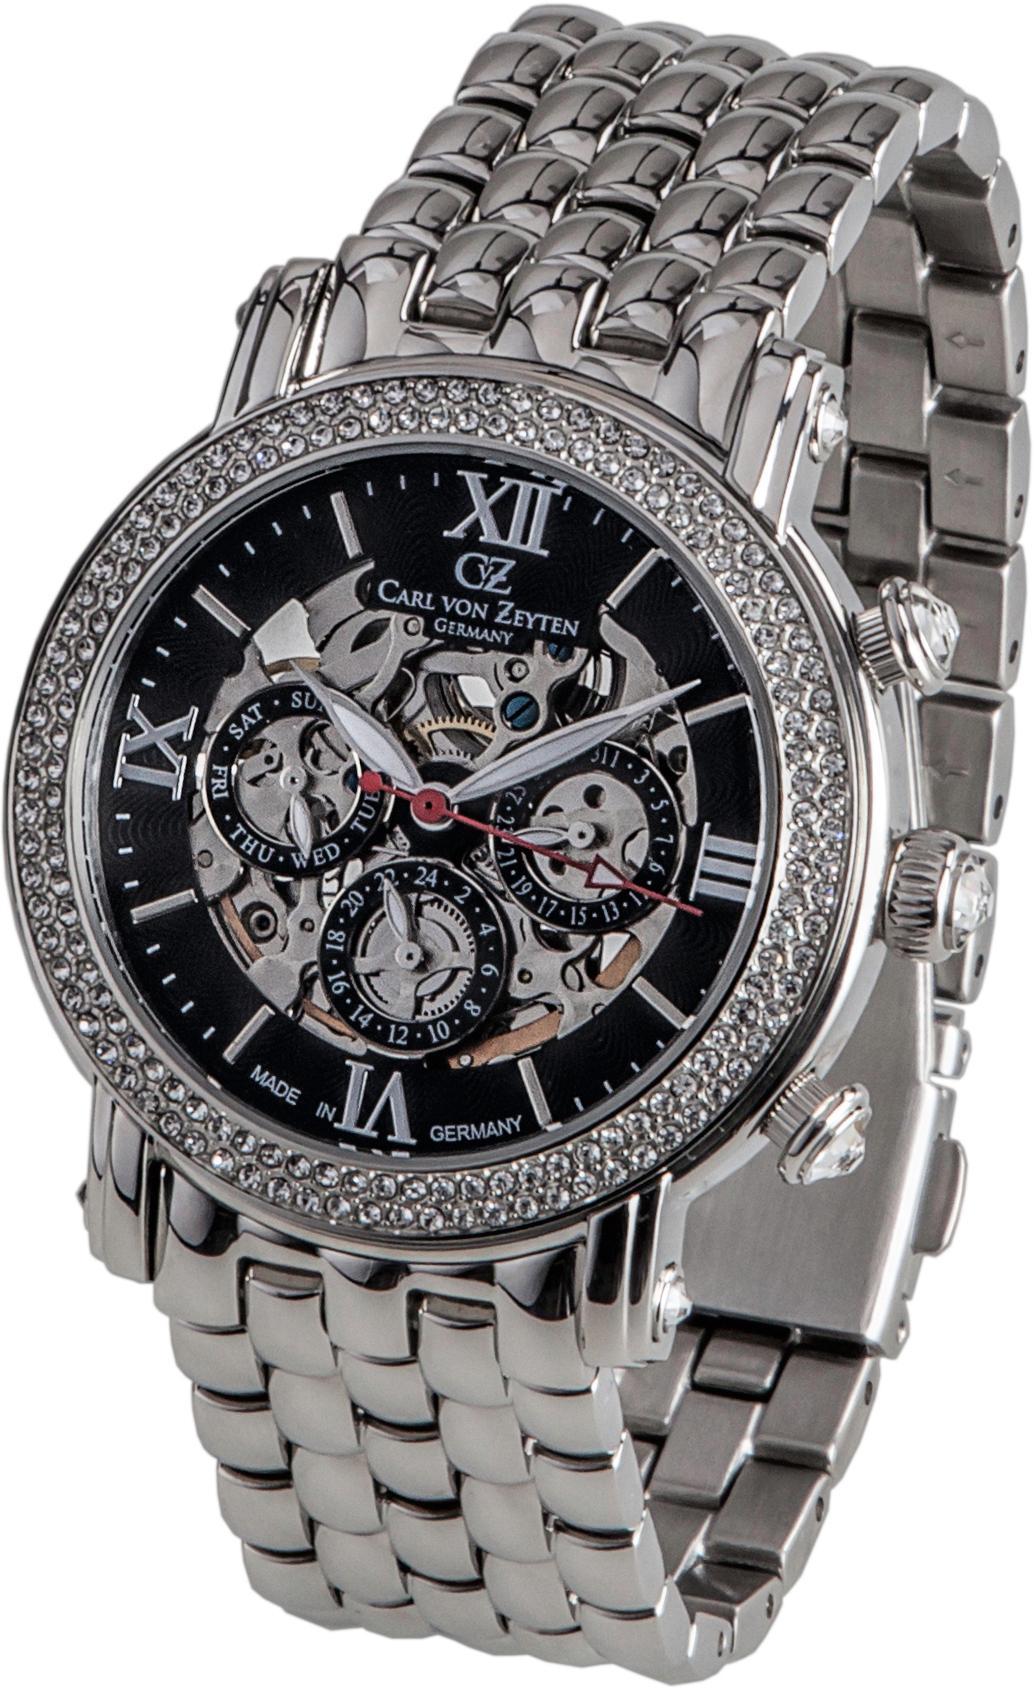 Carl von Zeyten Automatikuhr Kniebis CVZ0062BKMB | Uhren > Automatikuhren | Carl Von Zeyten